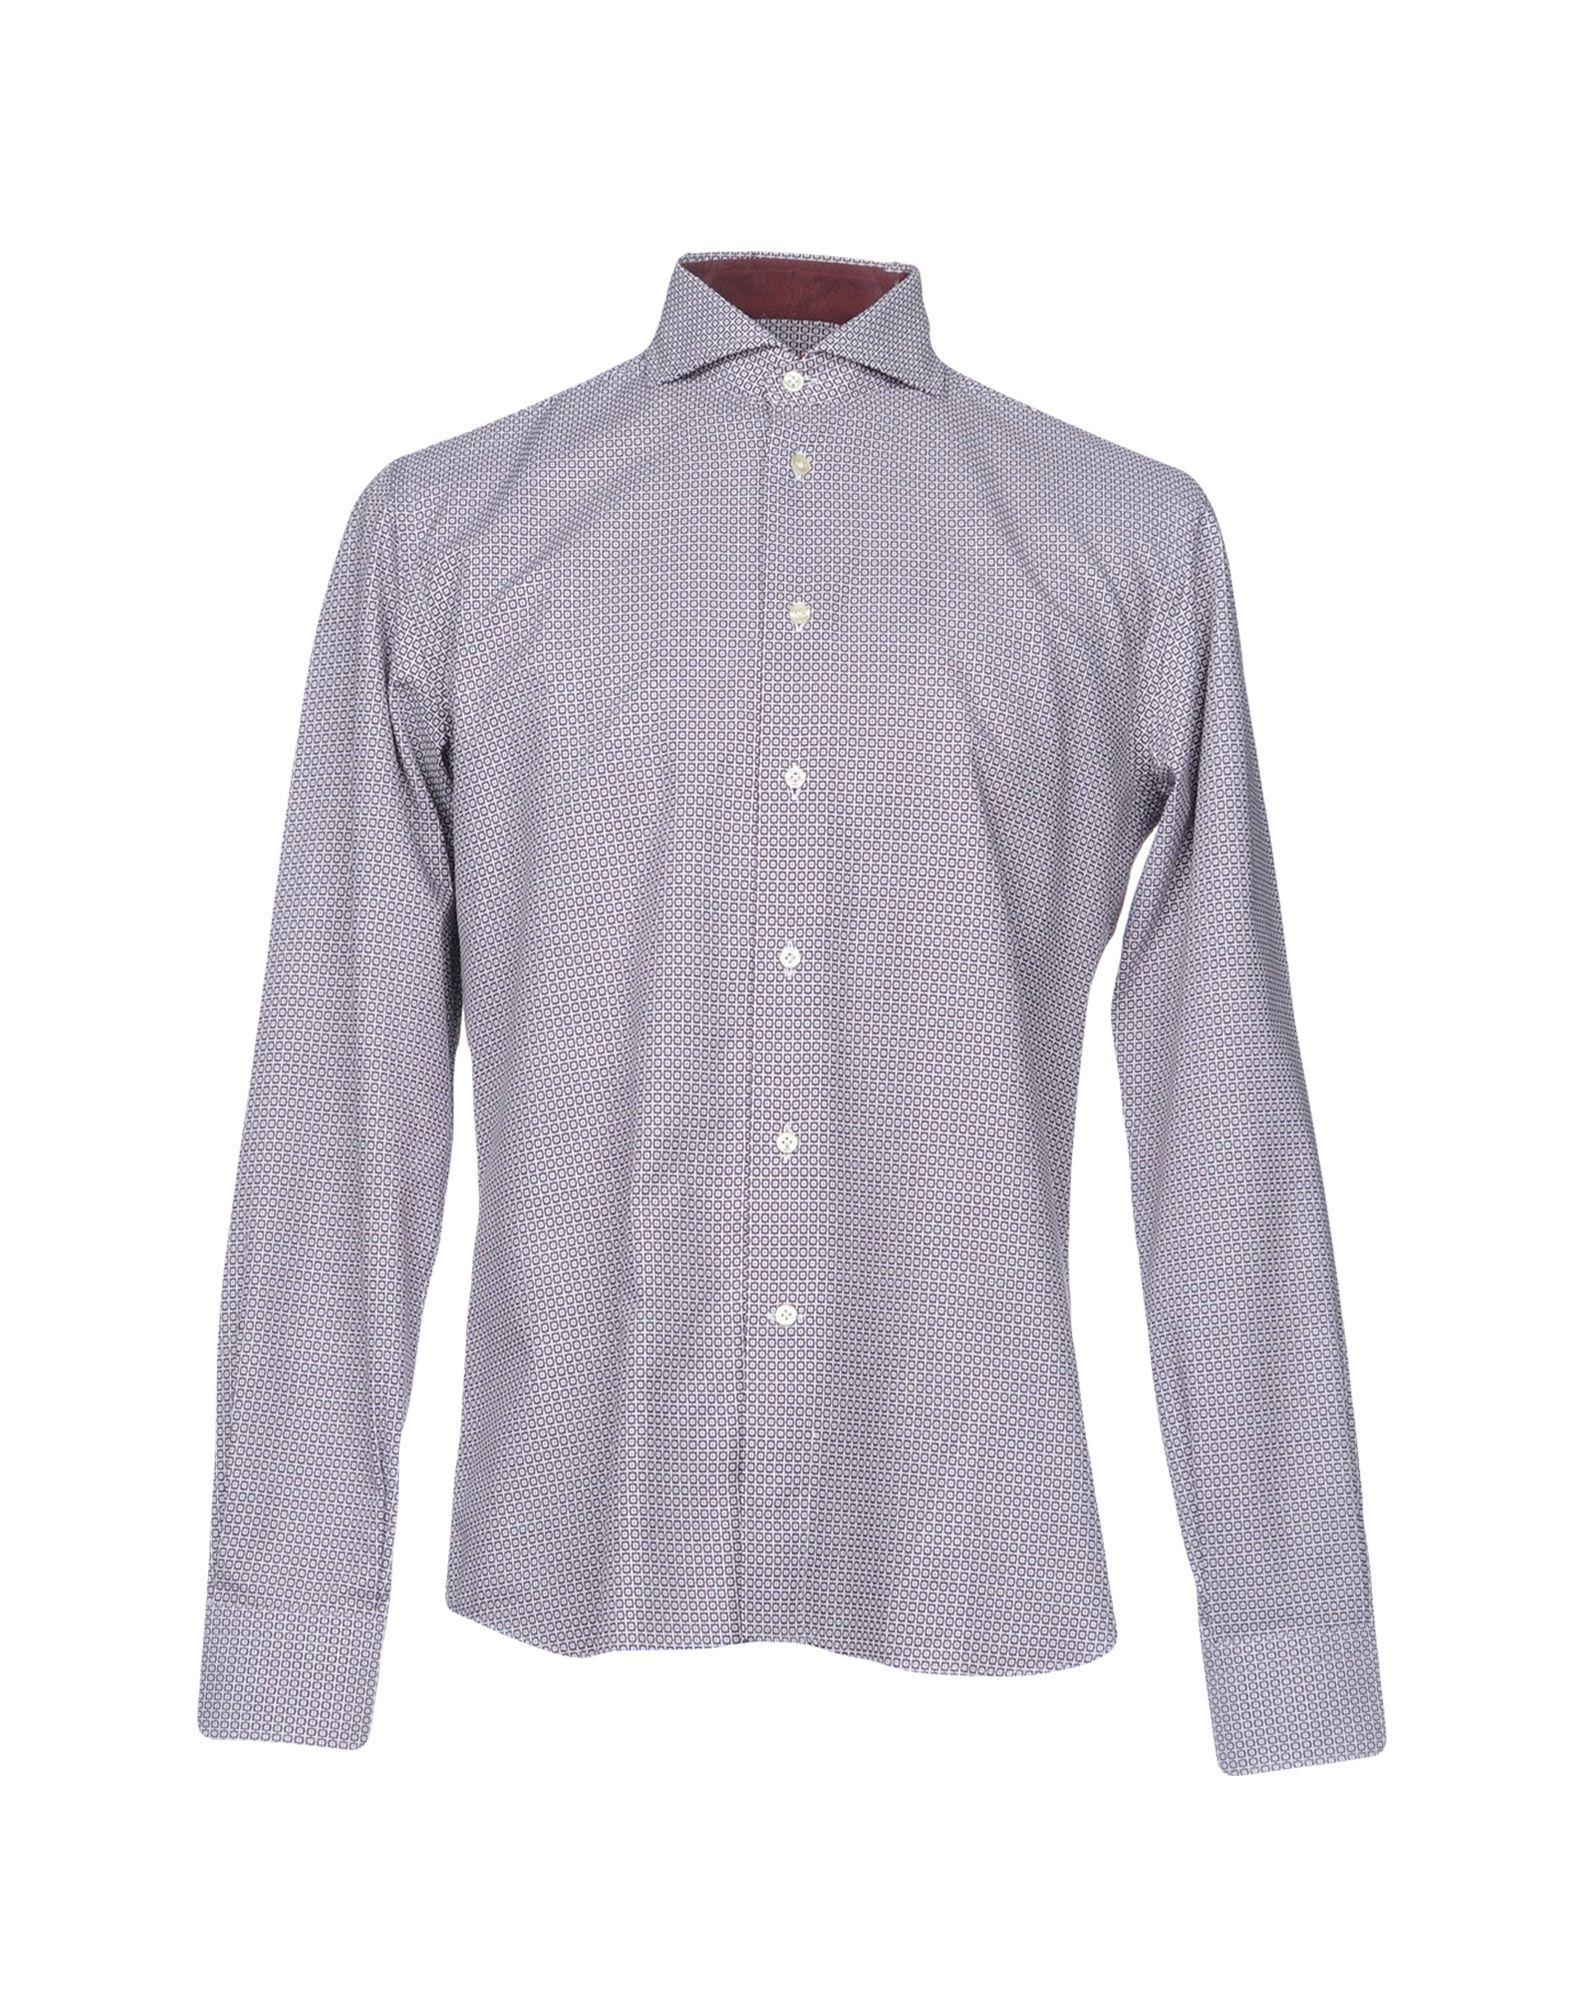 《セール開催中》ALEX DORIANI メンズ シャツ ディープパープル 41 コットン 100%